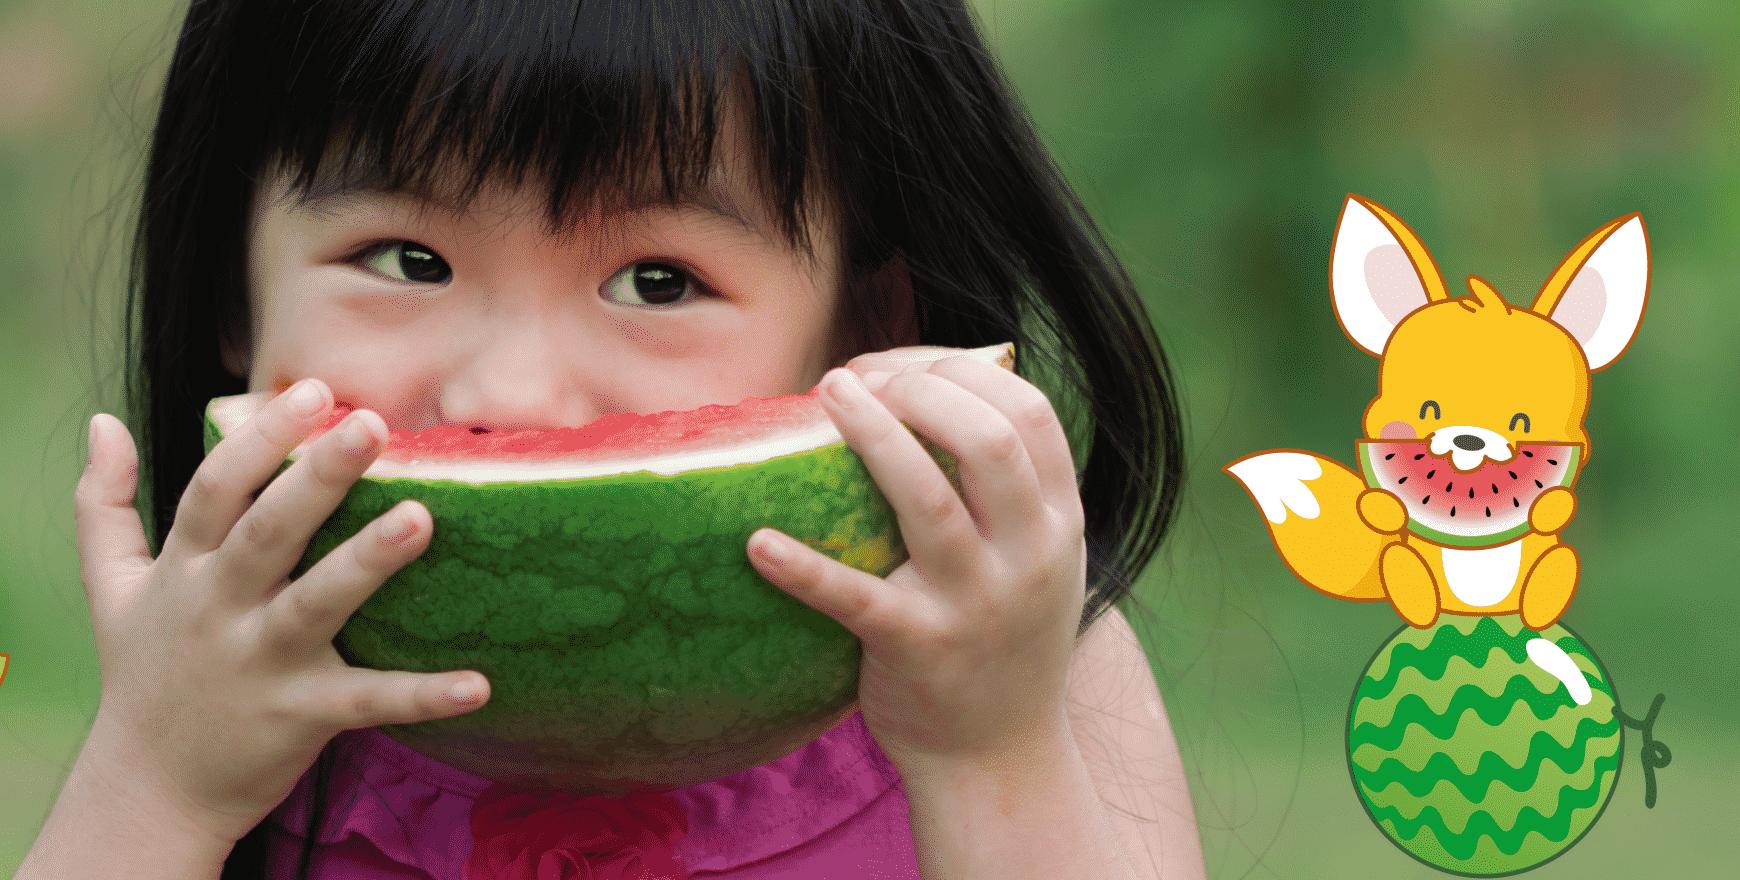 alimentação-saudavel-crianças